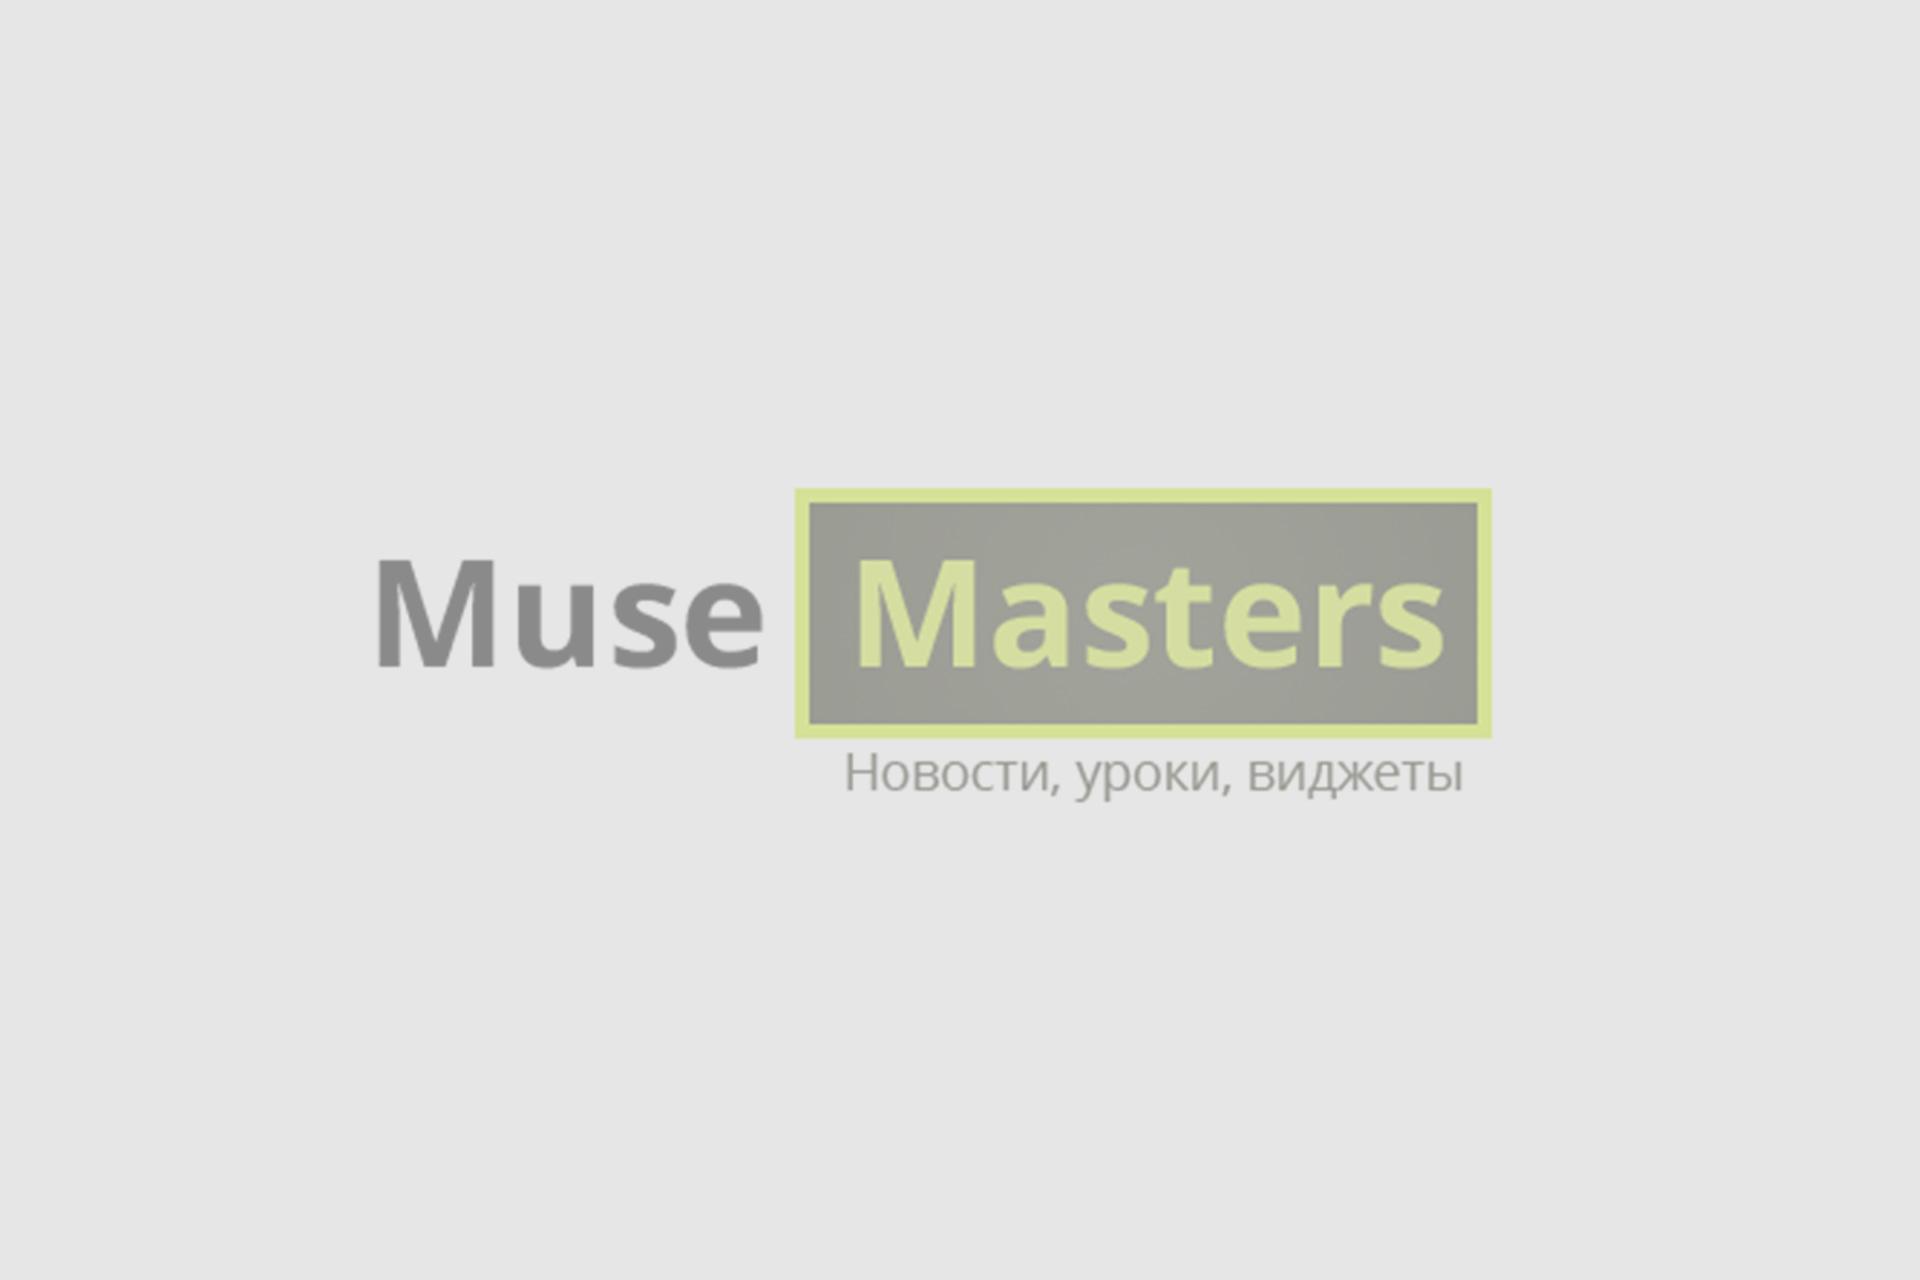 Виджет выпадающий список для формы в Adobe Muse